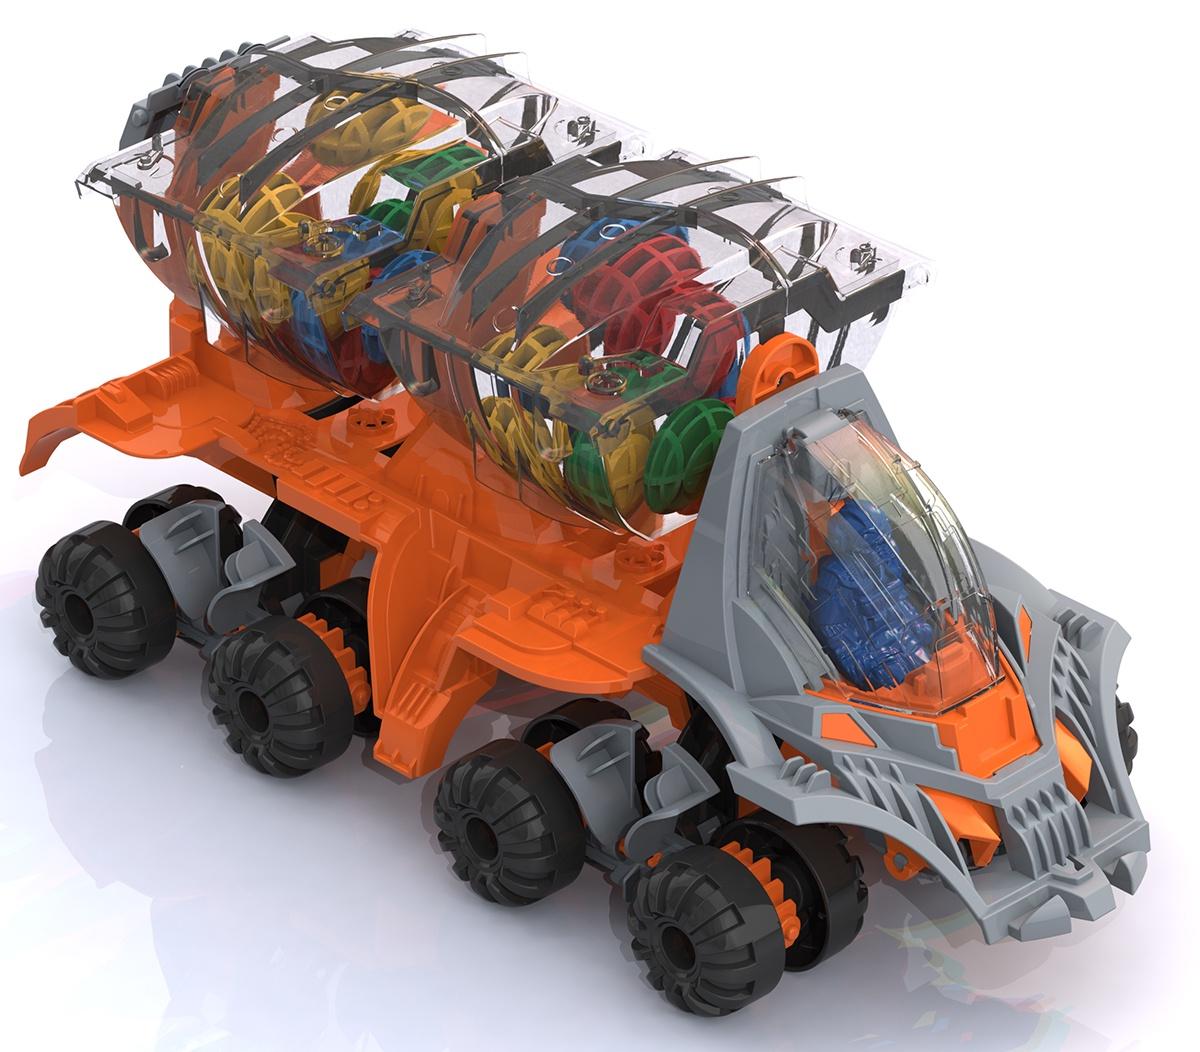 Машинка Нордпласт 296-1/_оранжевый оранжевый296-1/_оранжевыйМашина полностью готова для серьезных работ на других планетах. Подвеска создана и адаптирована для посадки и перемещения по любым поверхностям без потери сцепления, а крылья с изменяющимся углом наклона позволяют контролировать перемещение в любом типе атмосферы. Два пилота размещаются в зеркальном положении и полностью контролируют периметр через прозрачную дверь кабины. Каждому из них обеспечена возможность индивидуальной эвакуации. Ассистент пилота дополнительно обеспечивает сохранность груза — грузовой отсек имеет отдельный люк.